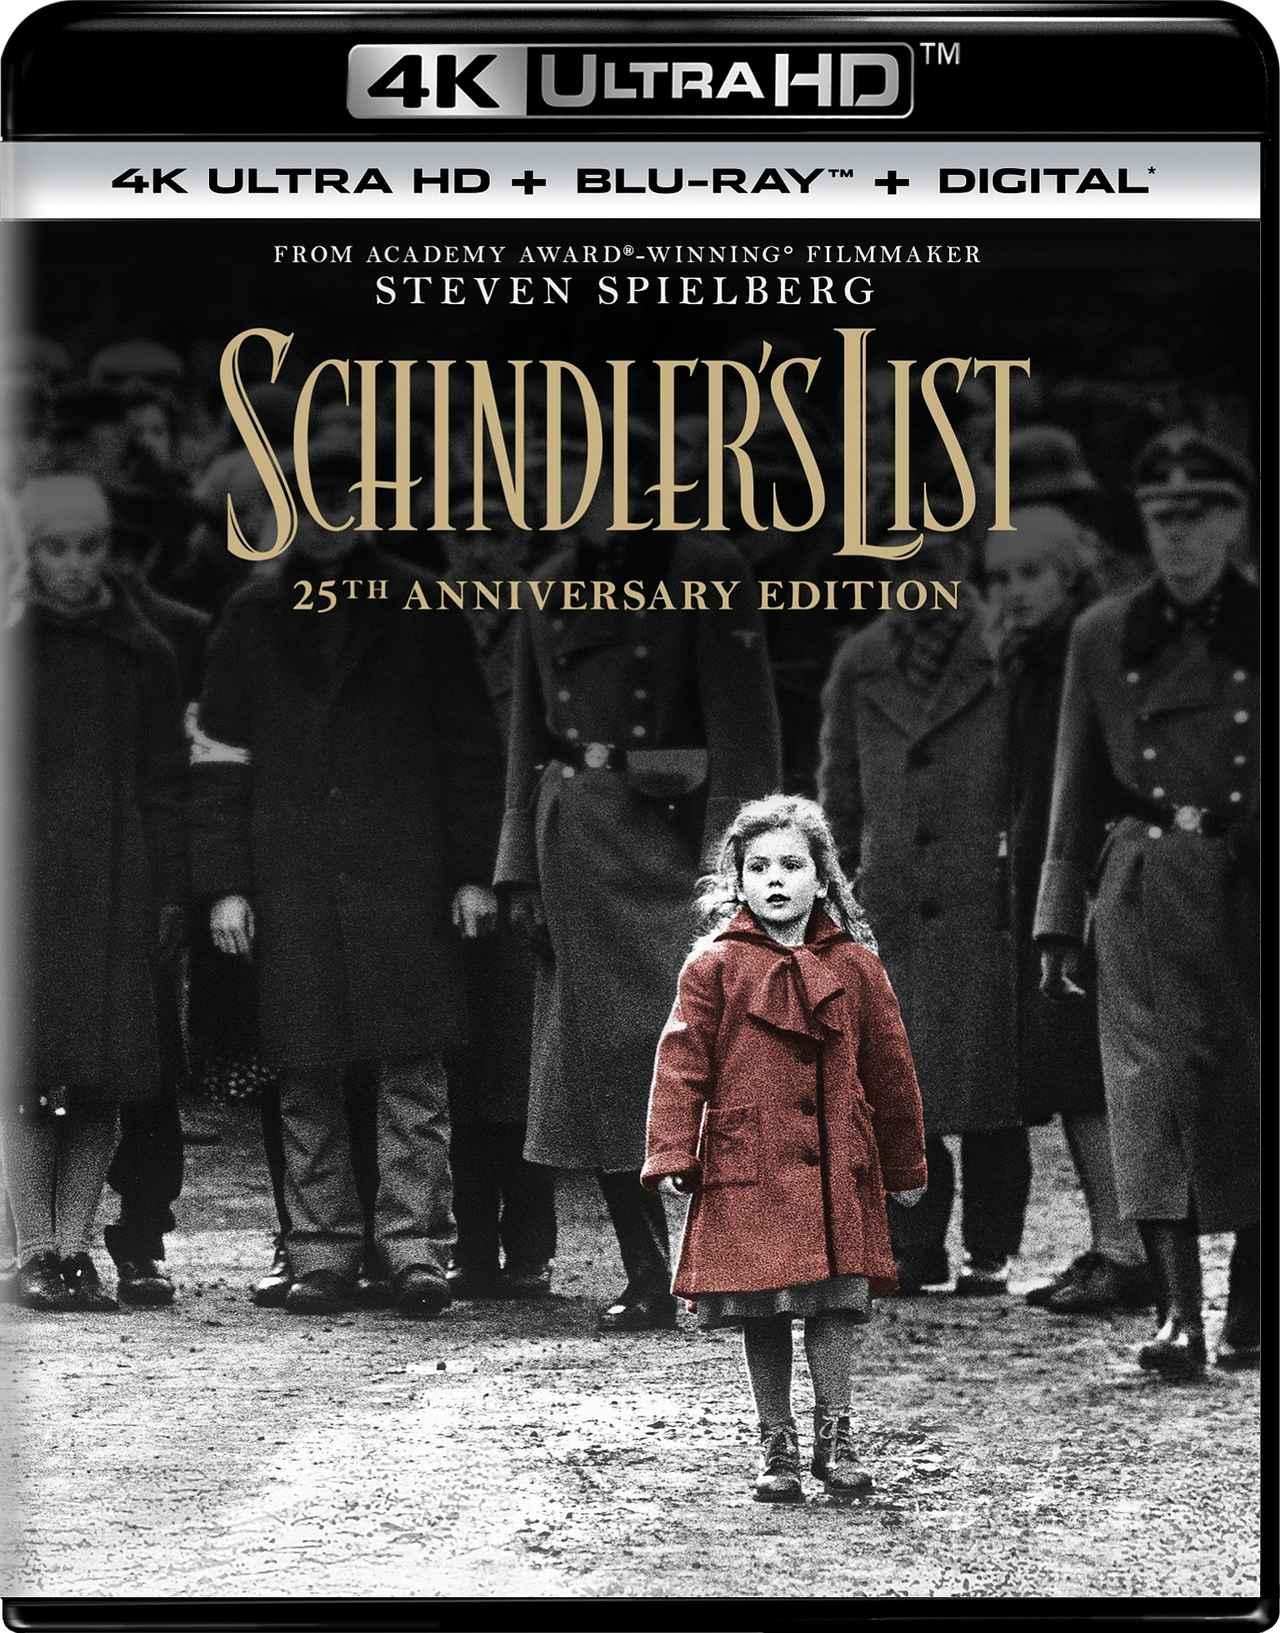 画像1: 4Kレストア/ドルビービジョン/ドルビーアトモスで蘇るスピルバーグ監督の名作『シンドラーのリスト』【海外盤Blu-ray発売情報】